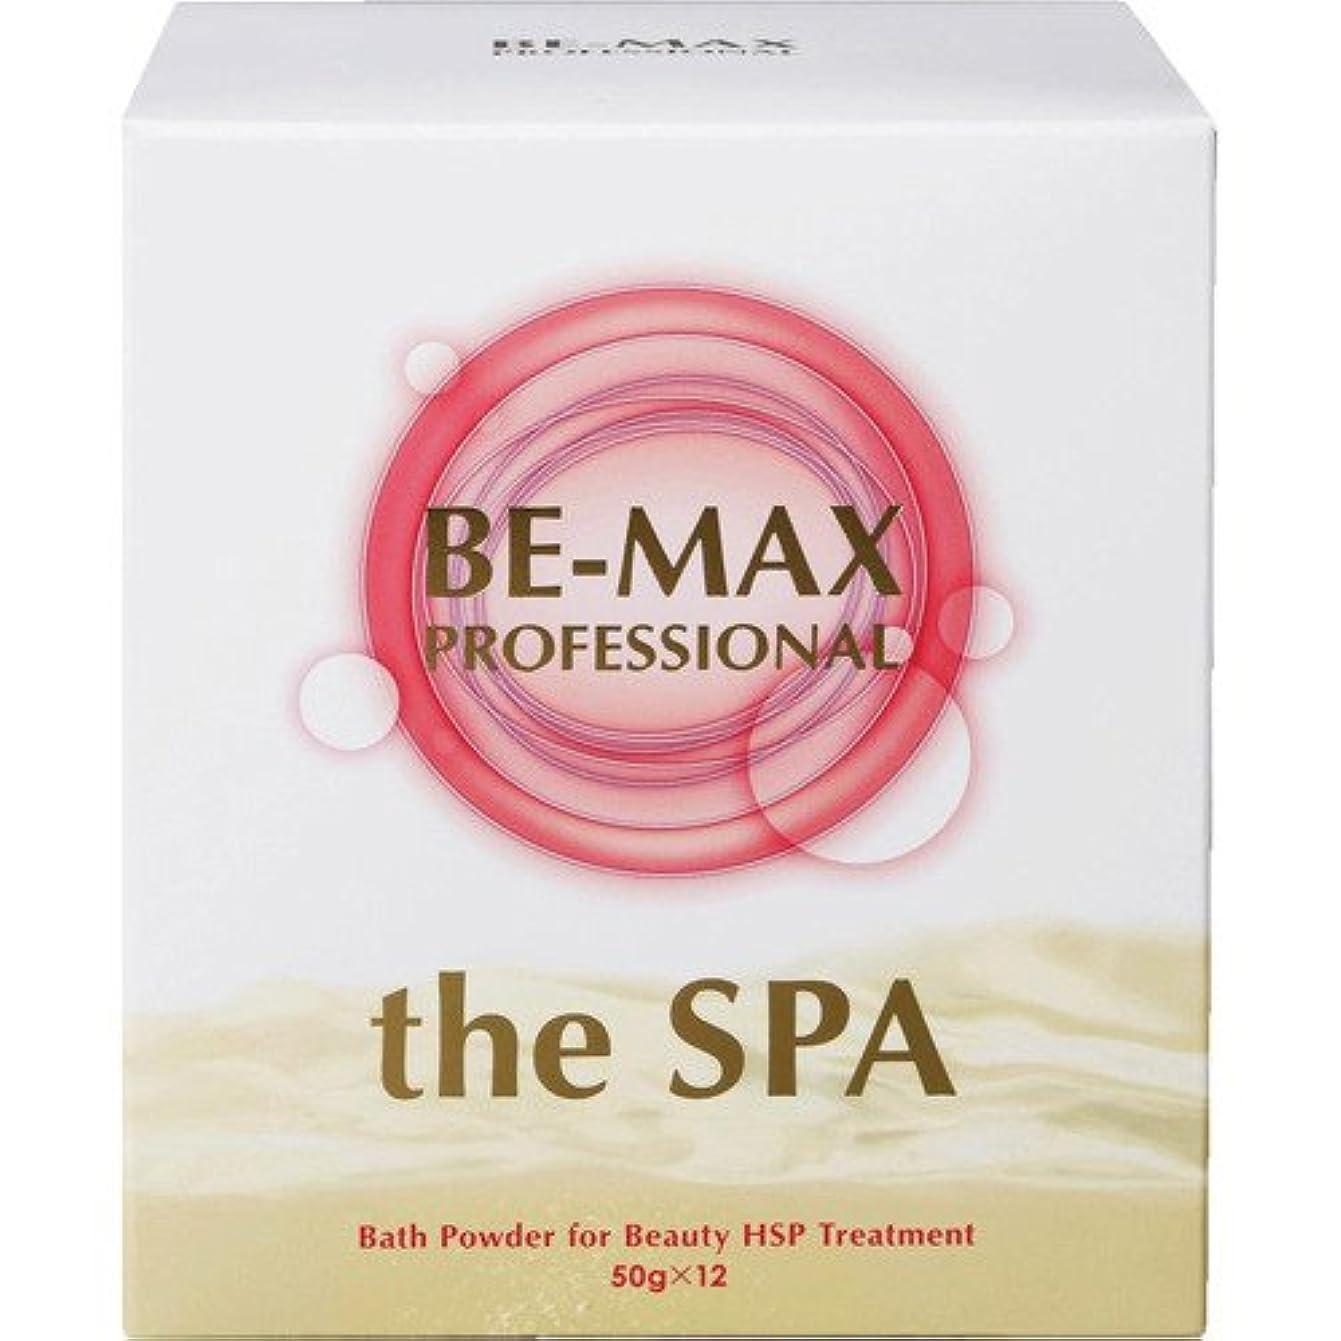 仕事に行くウガンダフラスコBE-MAX the SPA 入浴剤 柑橘系ハーブ精油がふわりと香る微炭酸湯